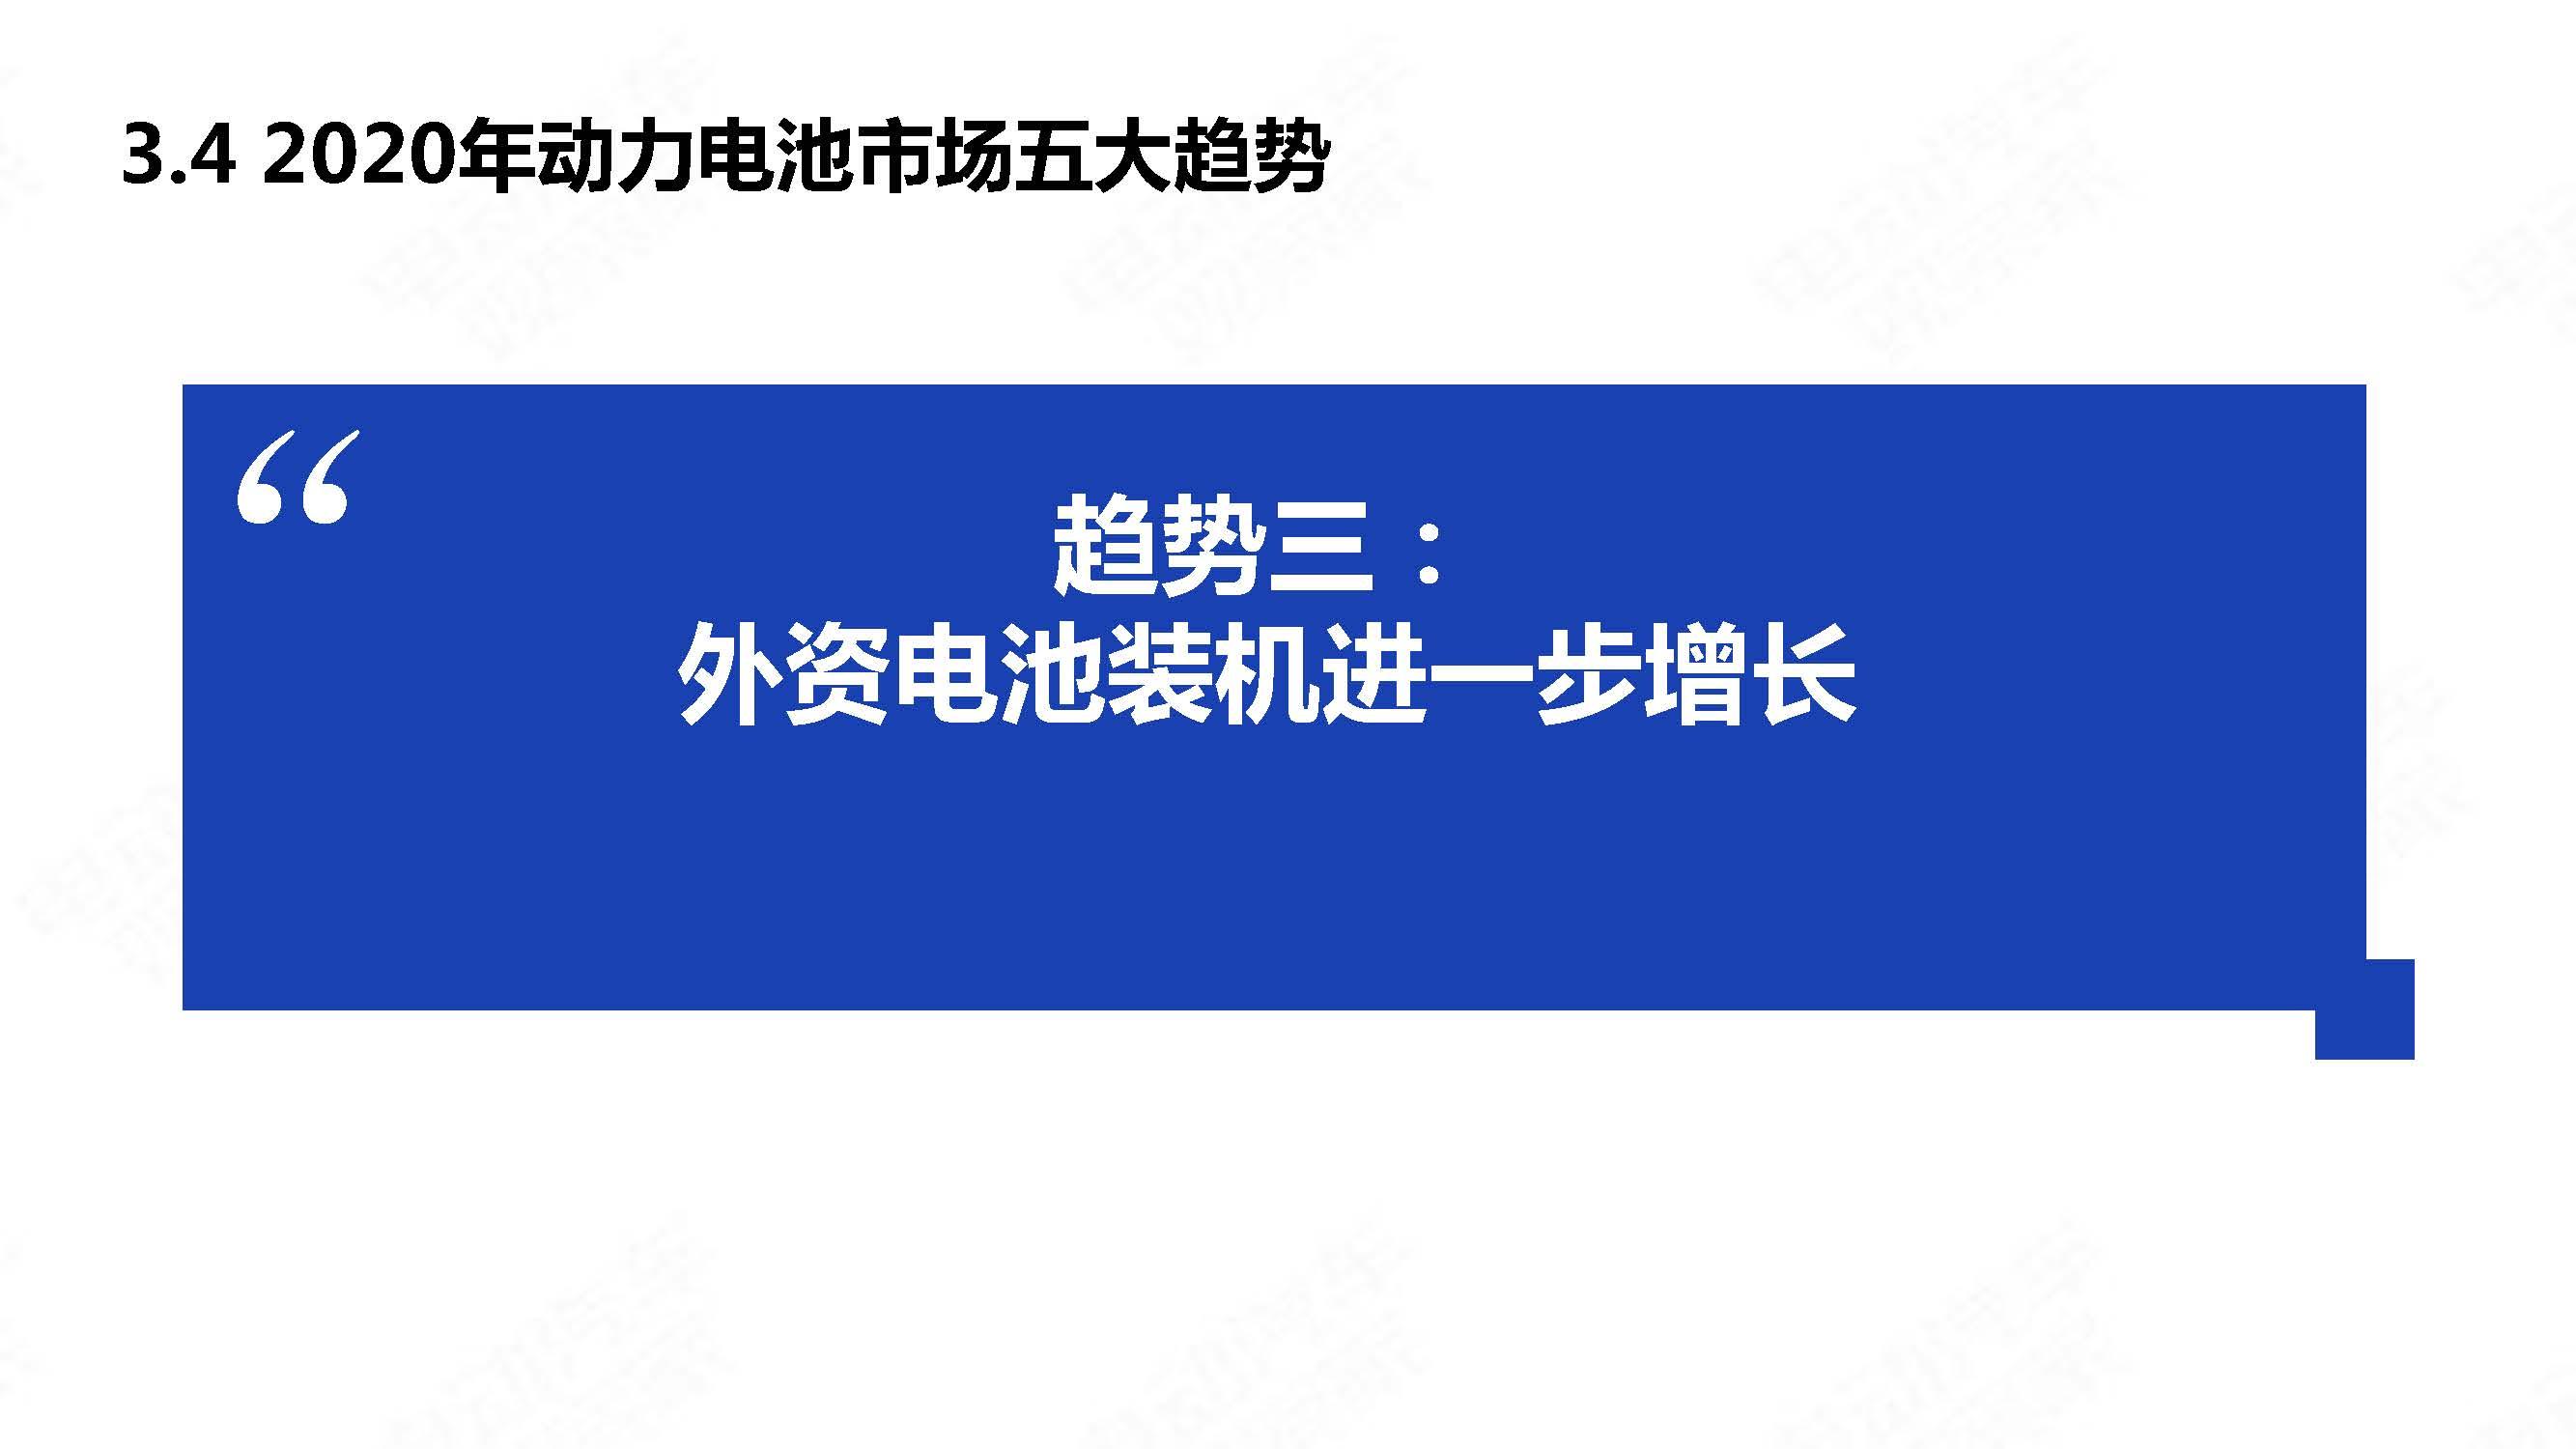 中国新能源汽车产业年度观察2020 简版_页面_37